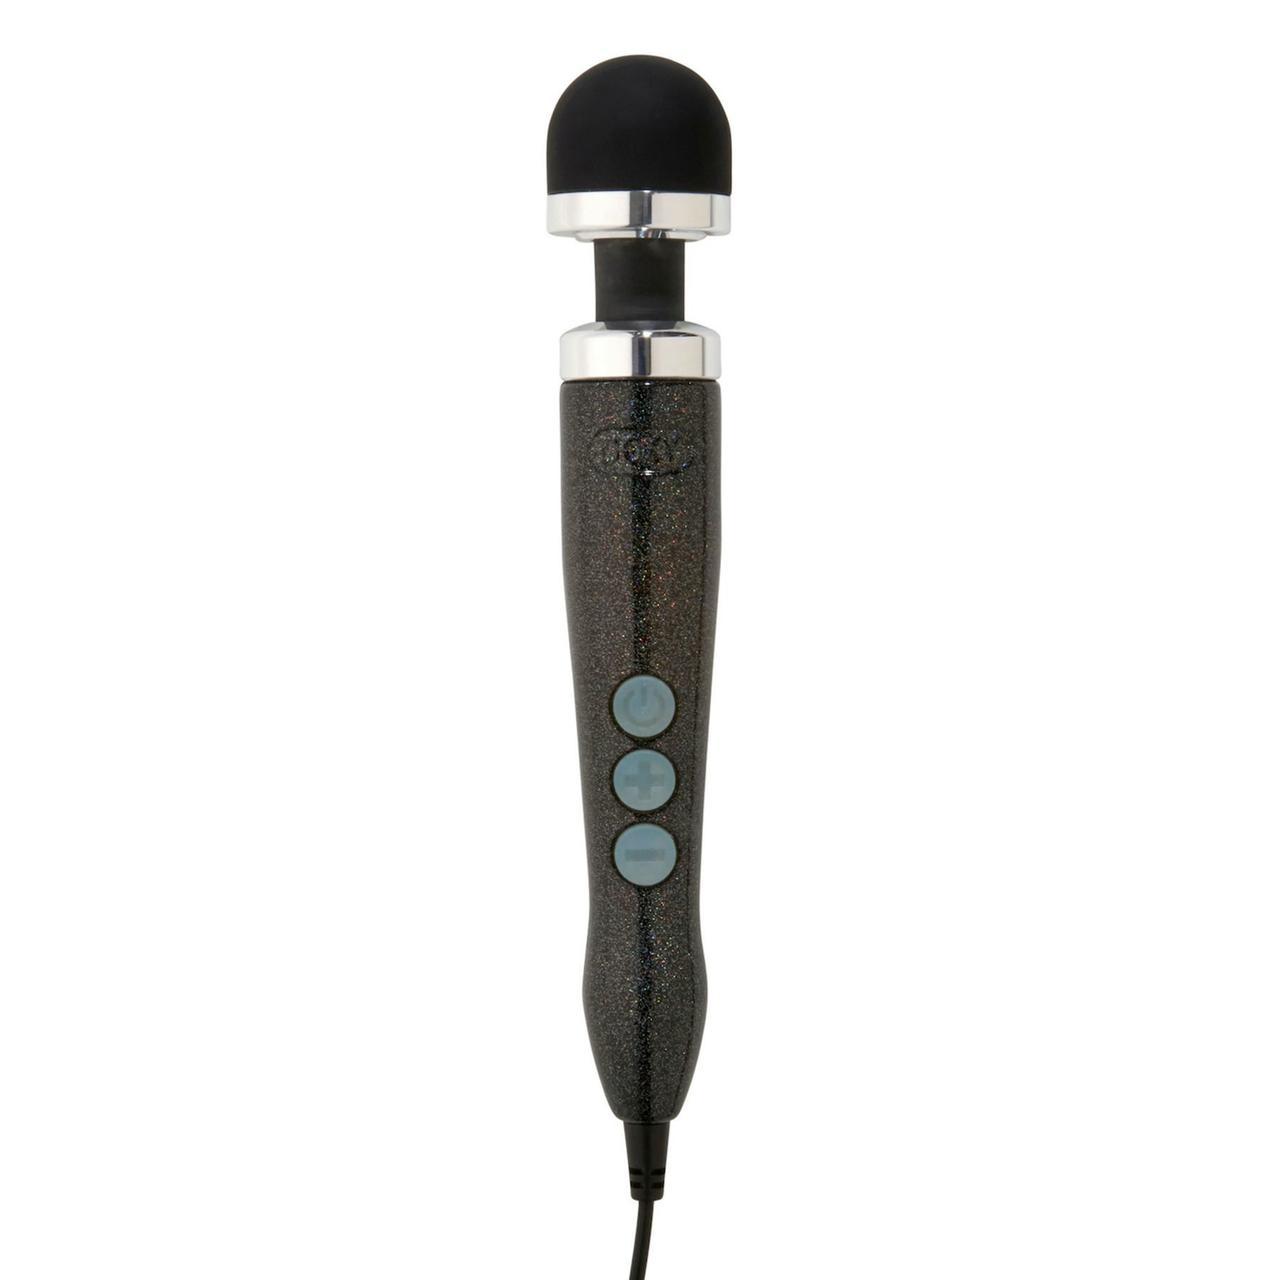 Вибромассажер DOXY Number 3 Disco Black, очень мощный, питание 220В, металлический корпус